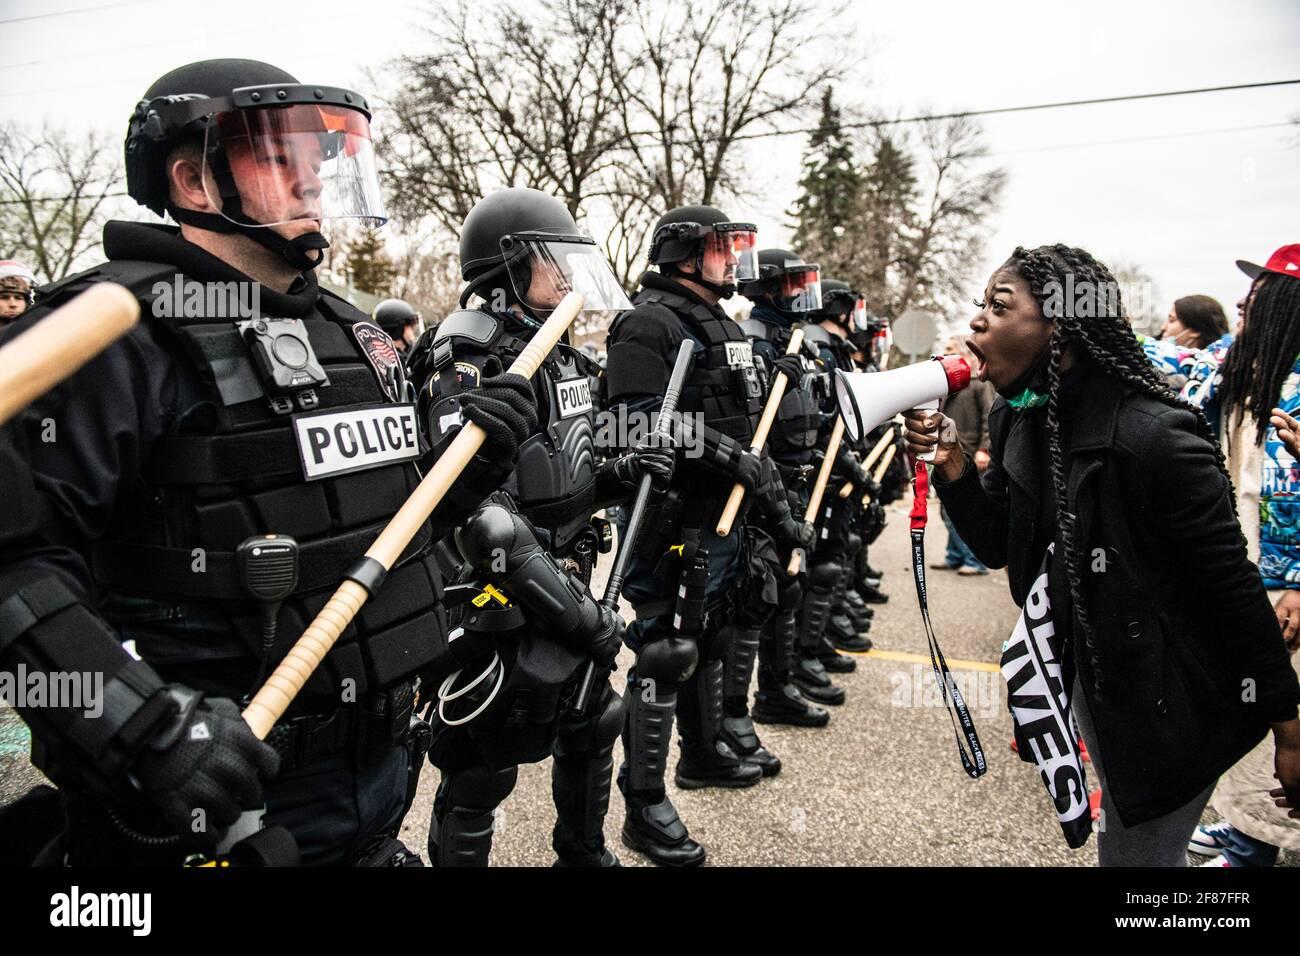 Brooklyn Center, Minnesota, 11 aprile 2021, i manifestanti si presentano vicino all'angolo tra Katherene Drive e 63rd Ave North il 11 aprile 2021 a Brooklyn Center, Minnesota, dopo l'uccisione di Daunte Wright. Foto: Chris Tuite/ImageSPACE /MediaPunch Foto Stock